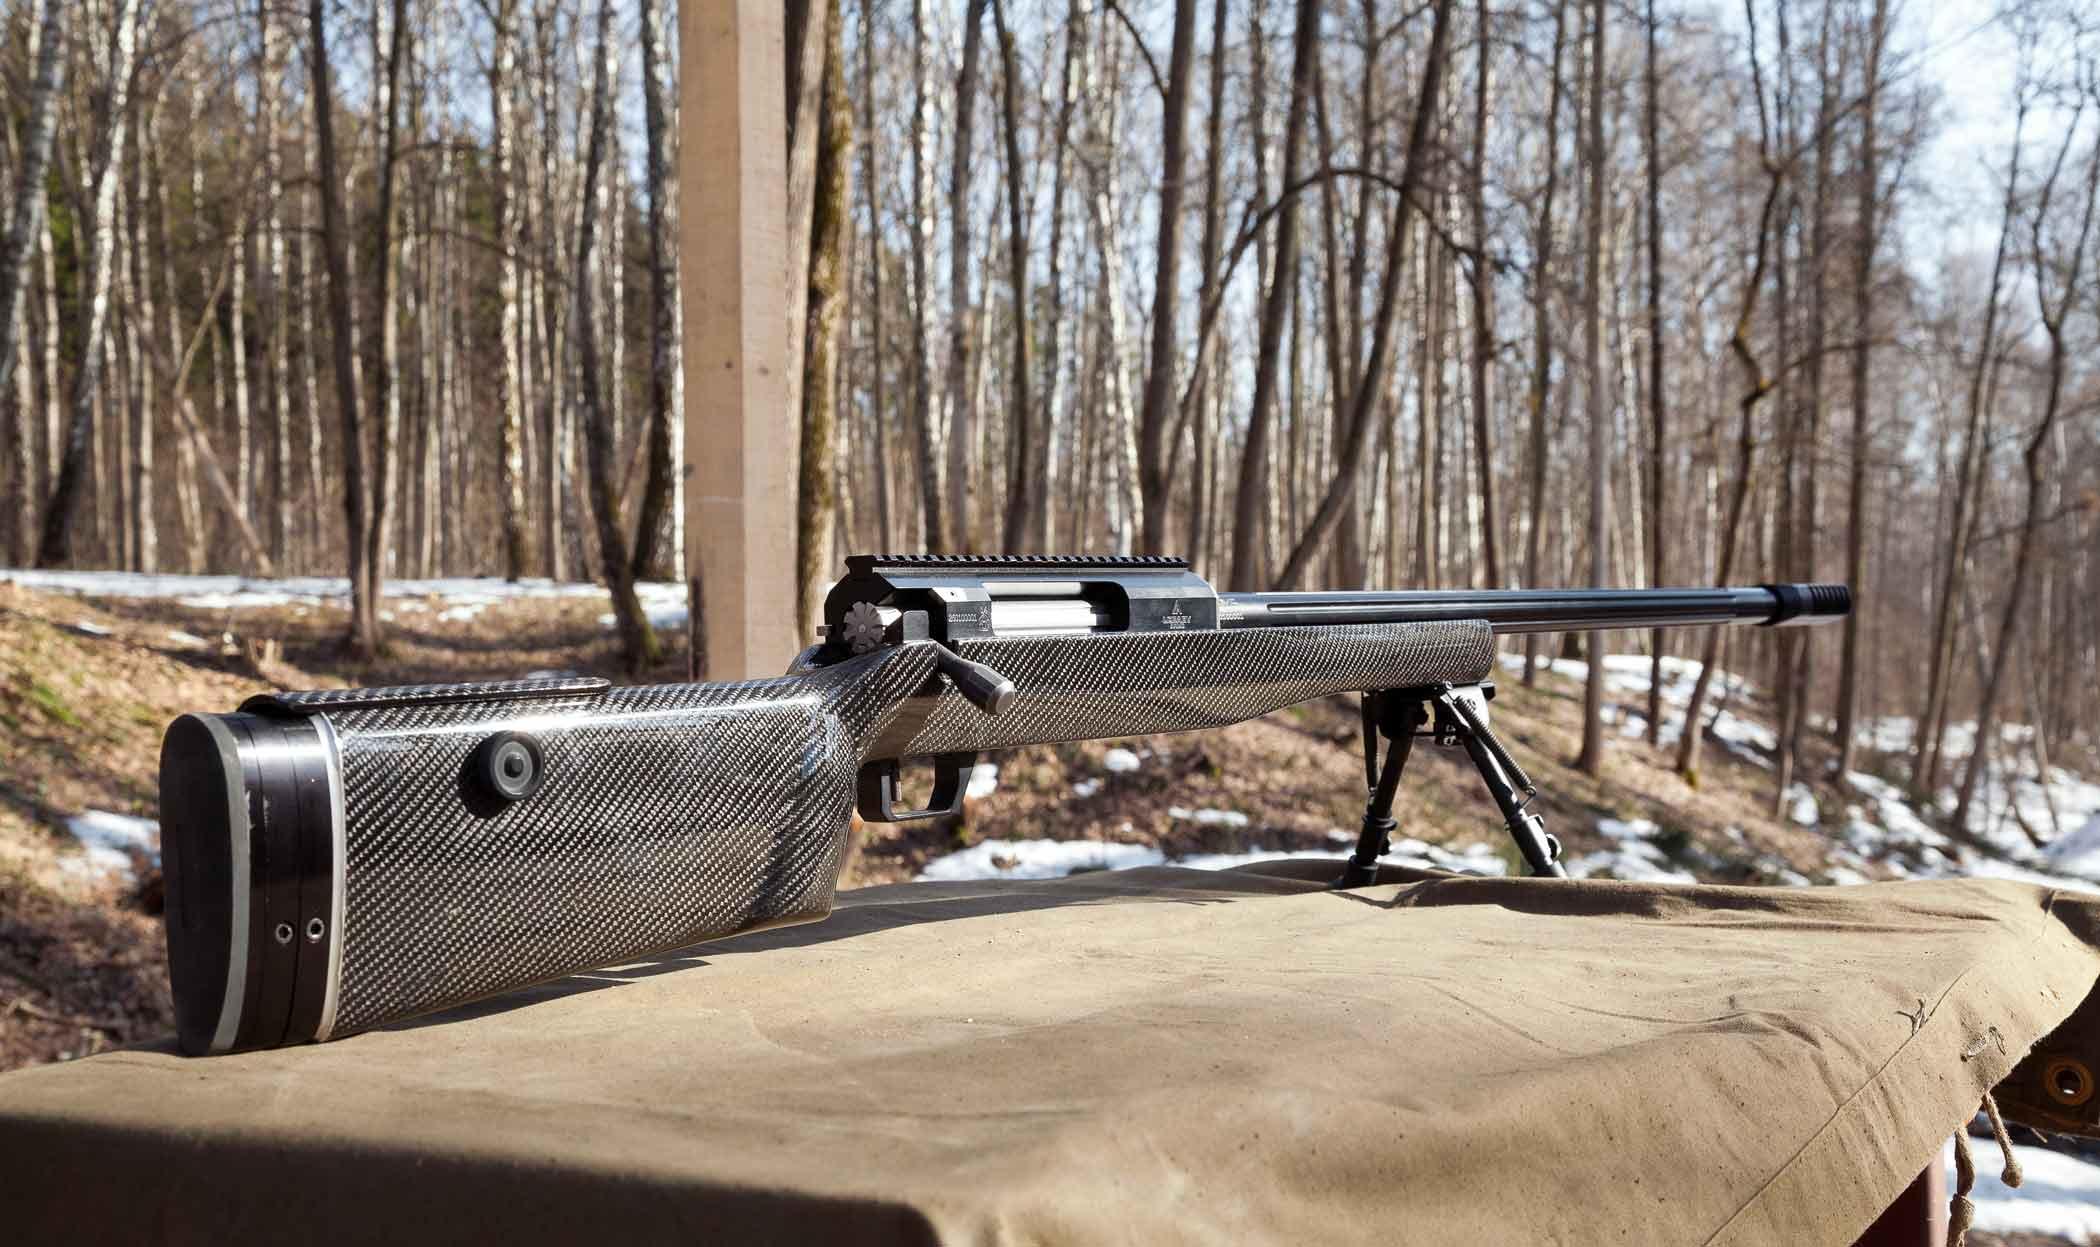 самая дальнобойная винтовка в мире